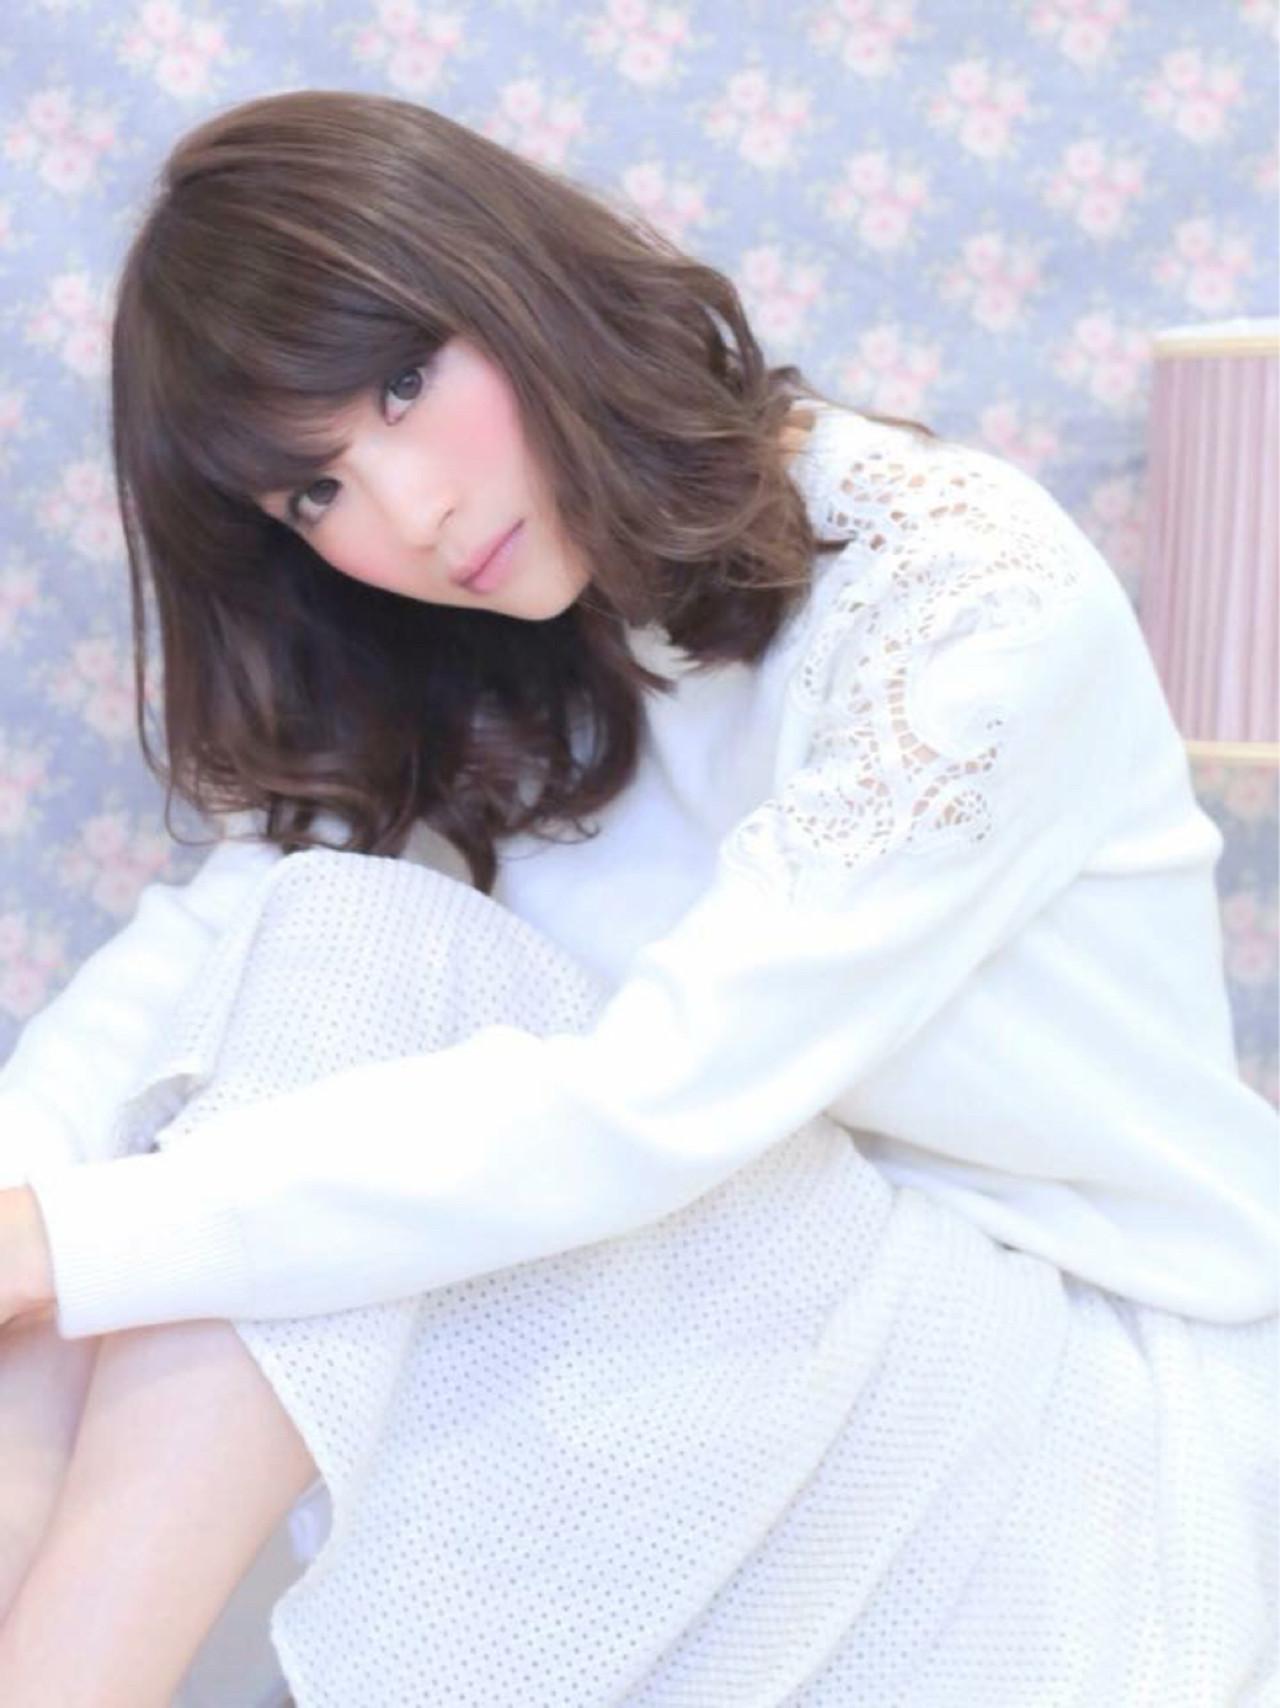 ミディアム 大人女子 ミルクティー ニュアンス ヘアスタイルや髪型の写真・画像 | 梅本裕基 / LaBless 心斎橋サロン